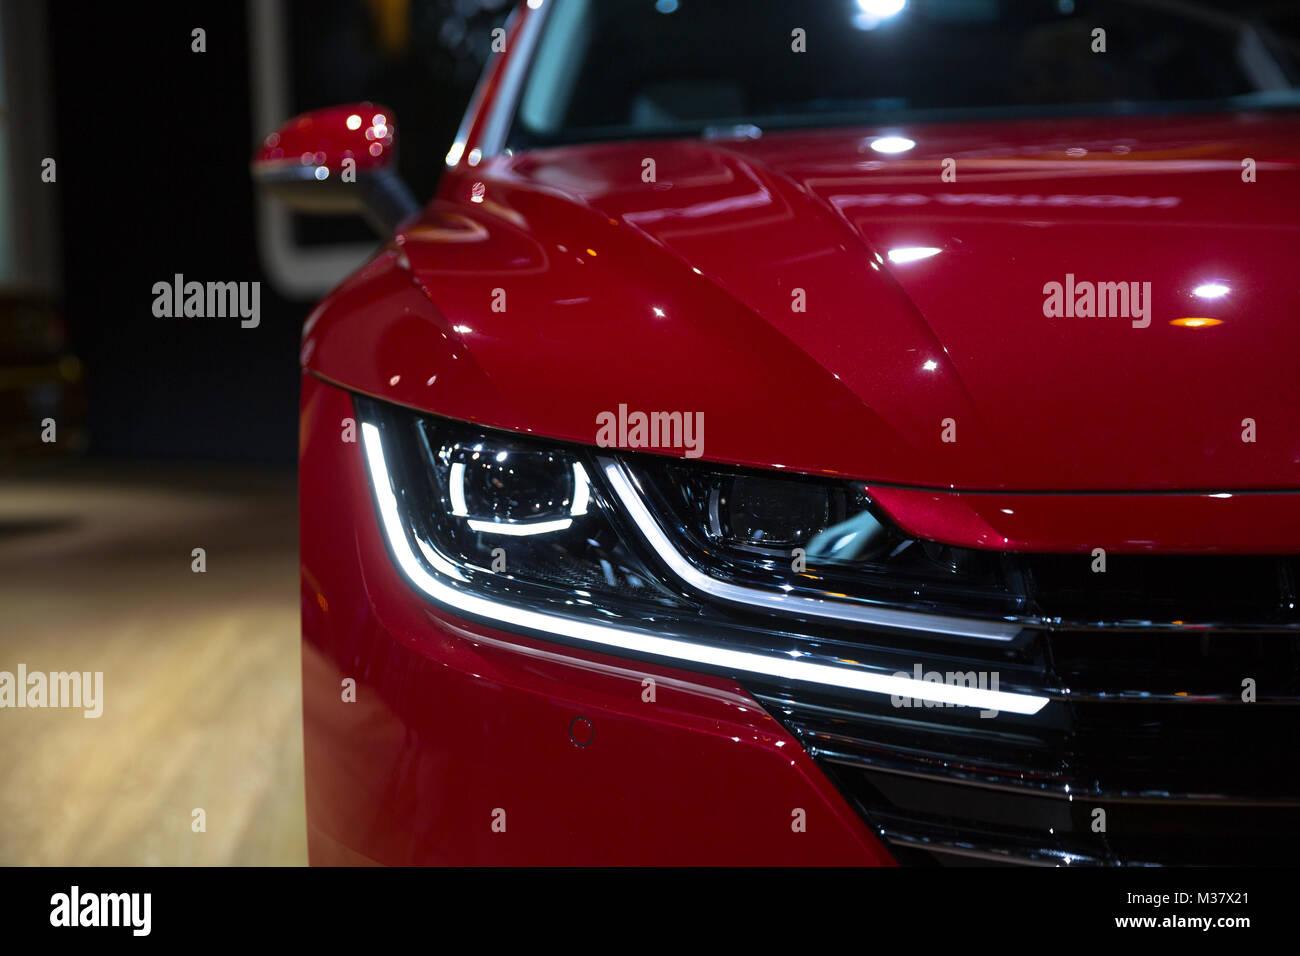 El 2019 Volkswagen sedán Arteon fue desvelado en el Chicago Auto Show 2018 Imagen De Stock